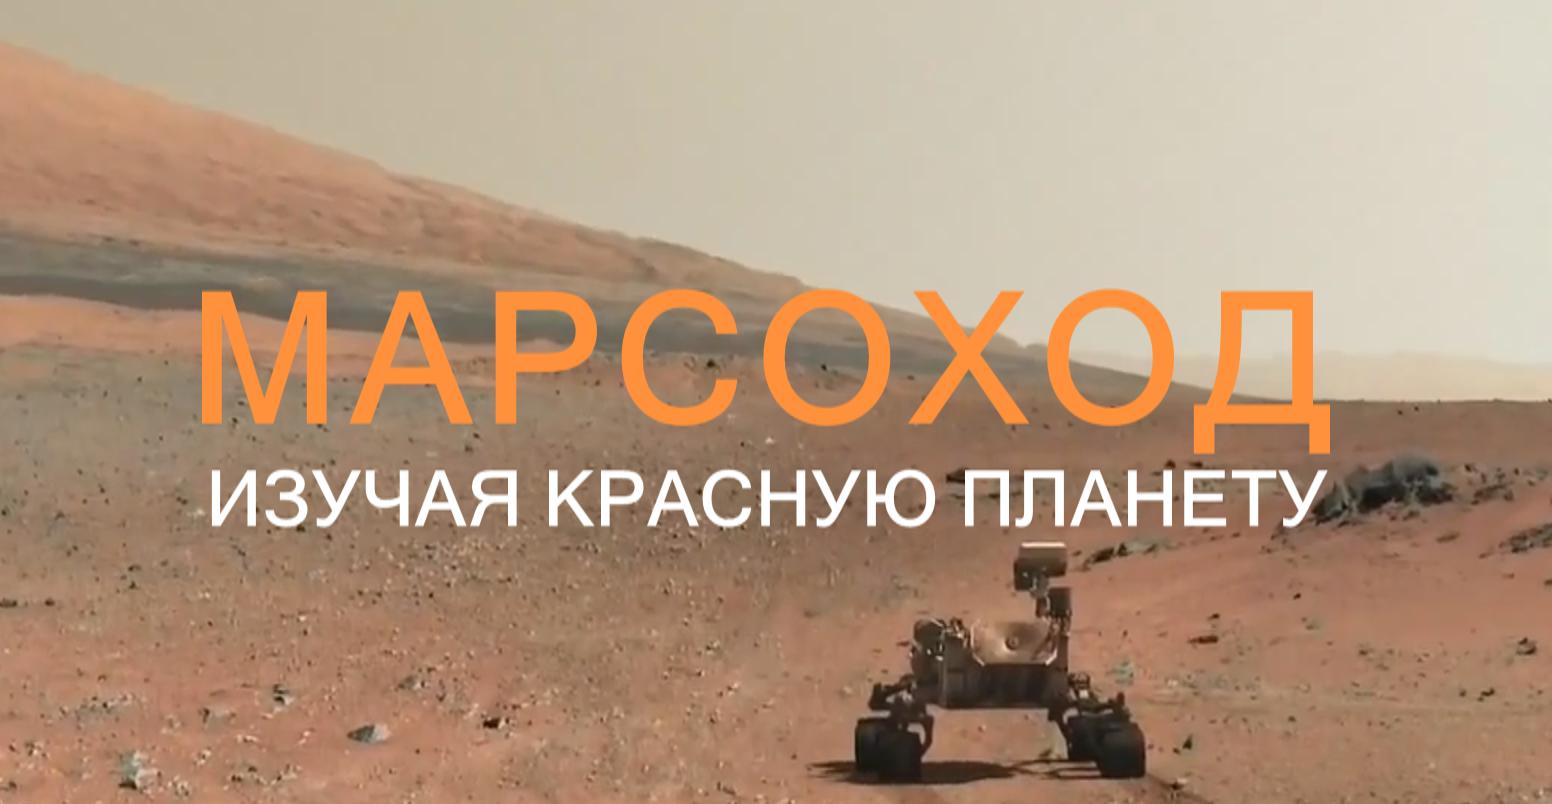 Перевод и озвучка фильма дома. Марсоход: изучая Красную планету - 1